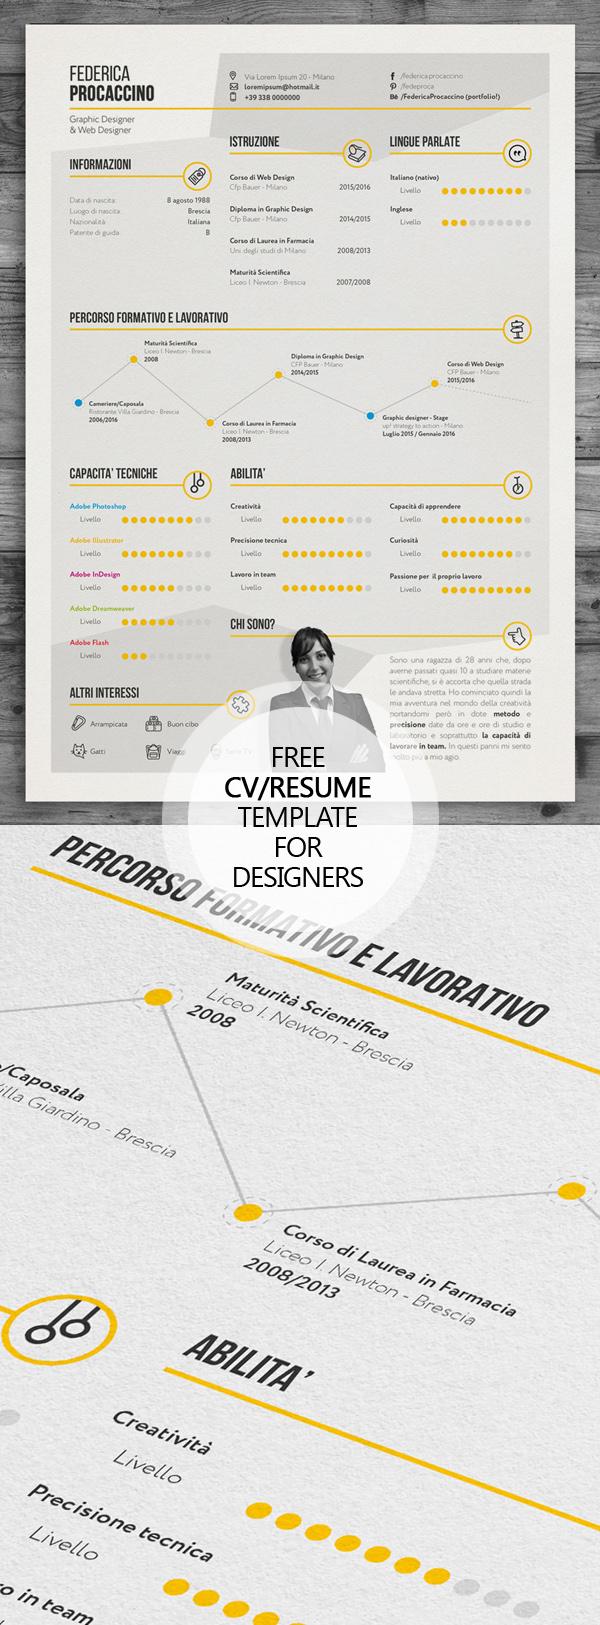 创意设计优质简历模版免费下载